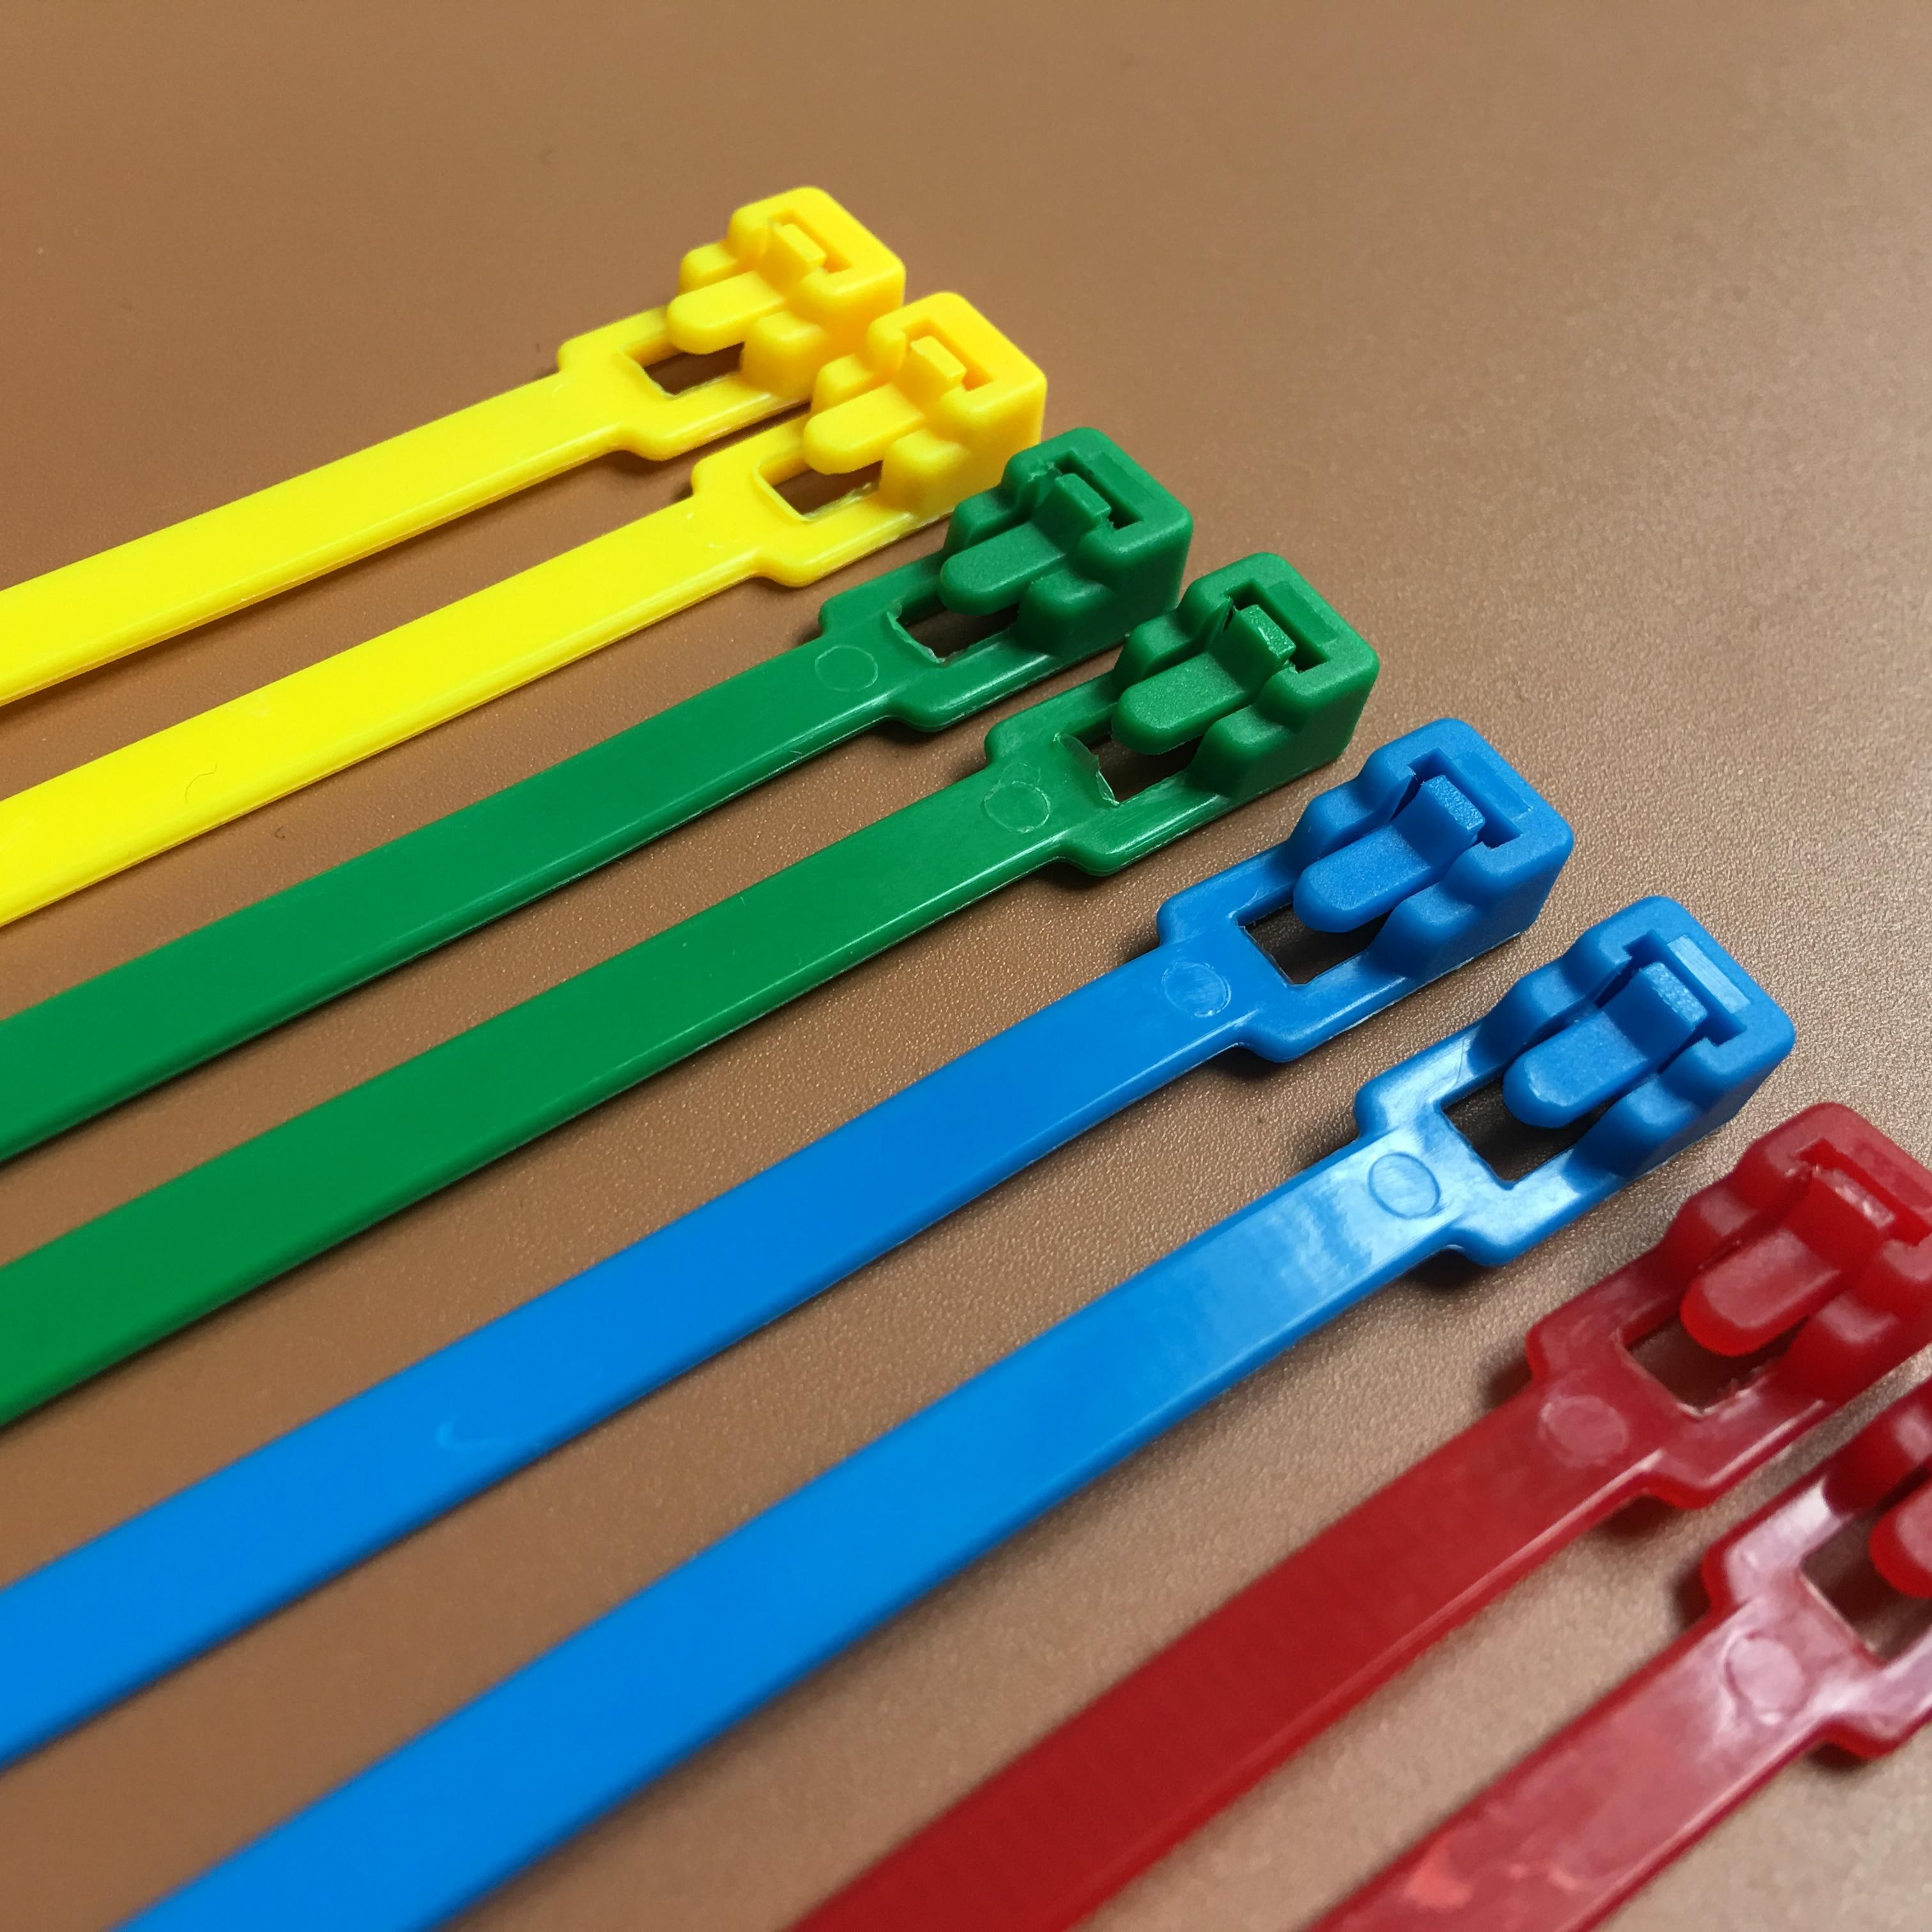 4.8x300mm Cable Ties Zip Tie Nylon Tie Wraps Organizer Black 100pcs